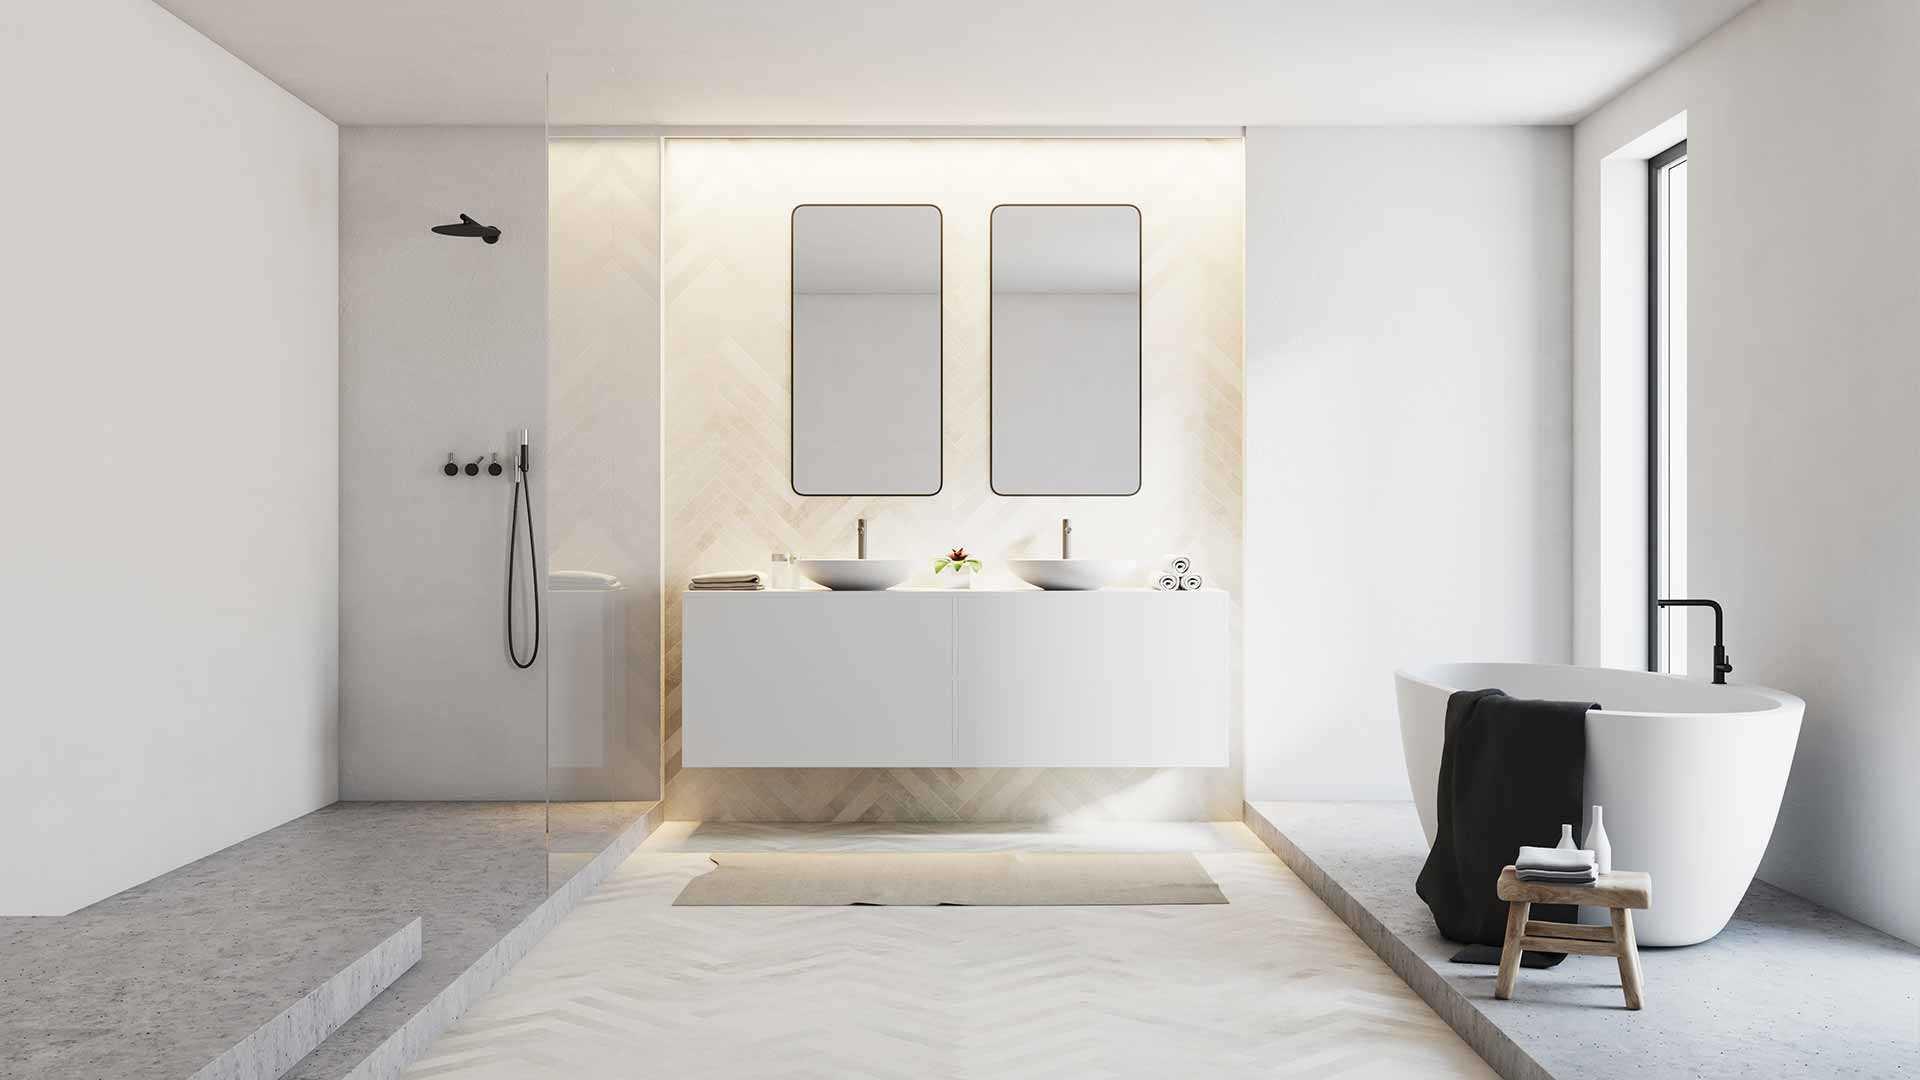 Einrichtungstrends für das Badezimmer - Ratgeber - Musterhaus.net